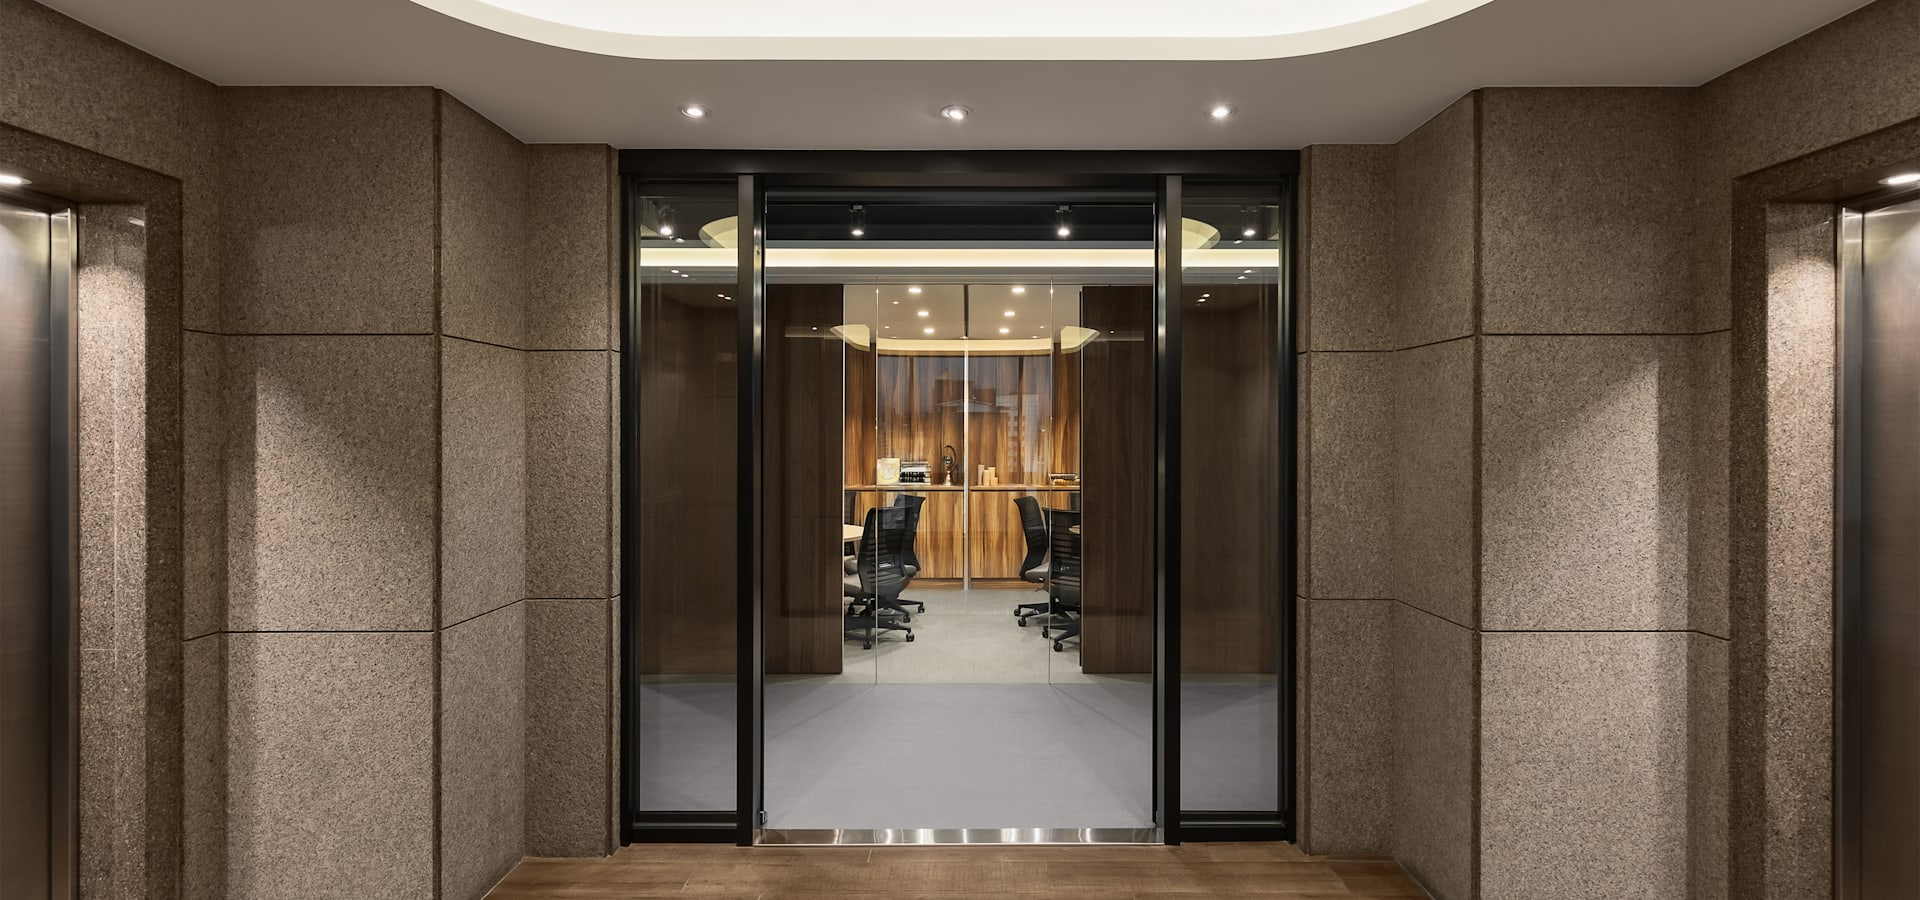 伊歐室內裝修設計有限公司